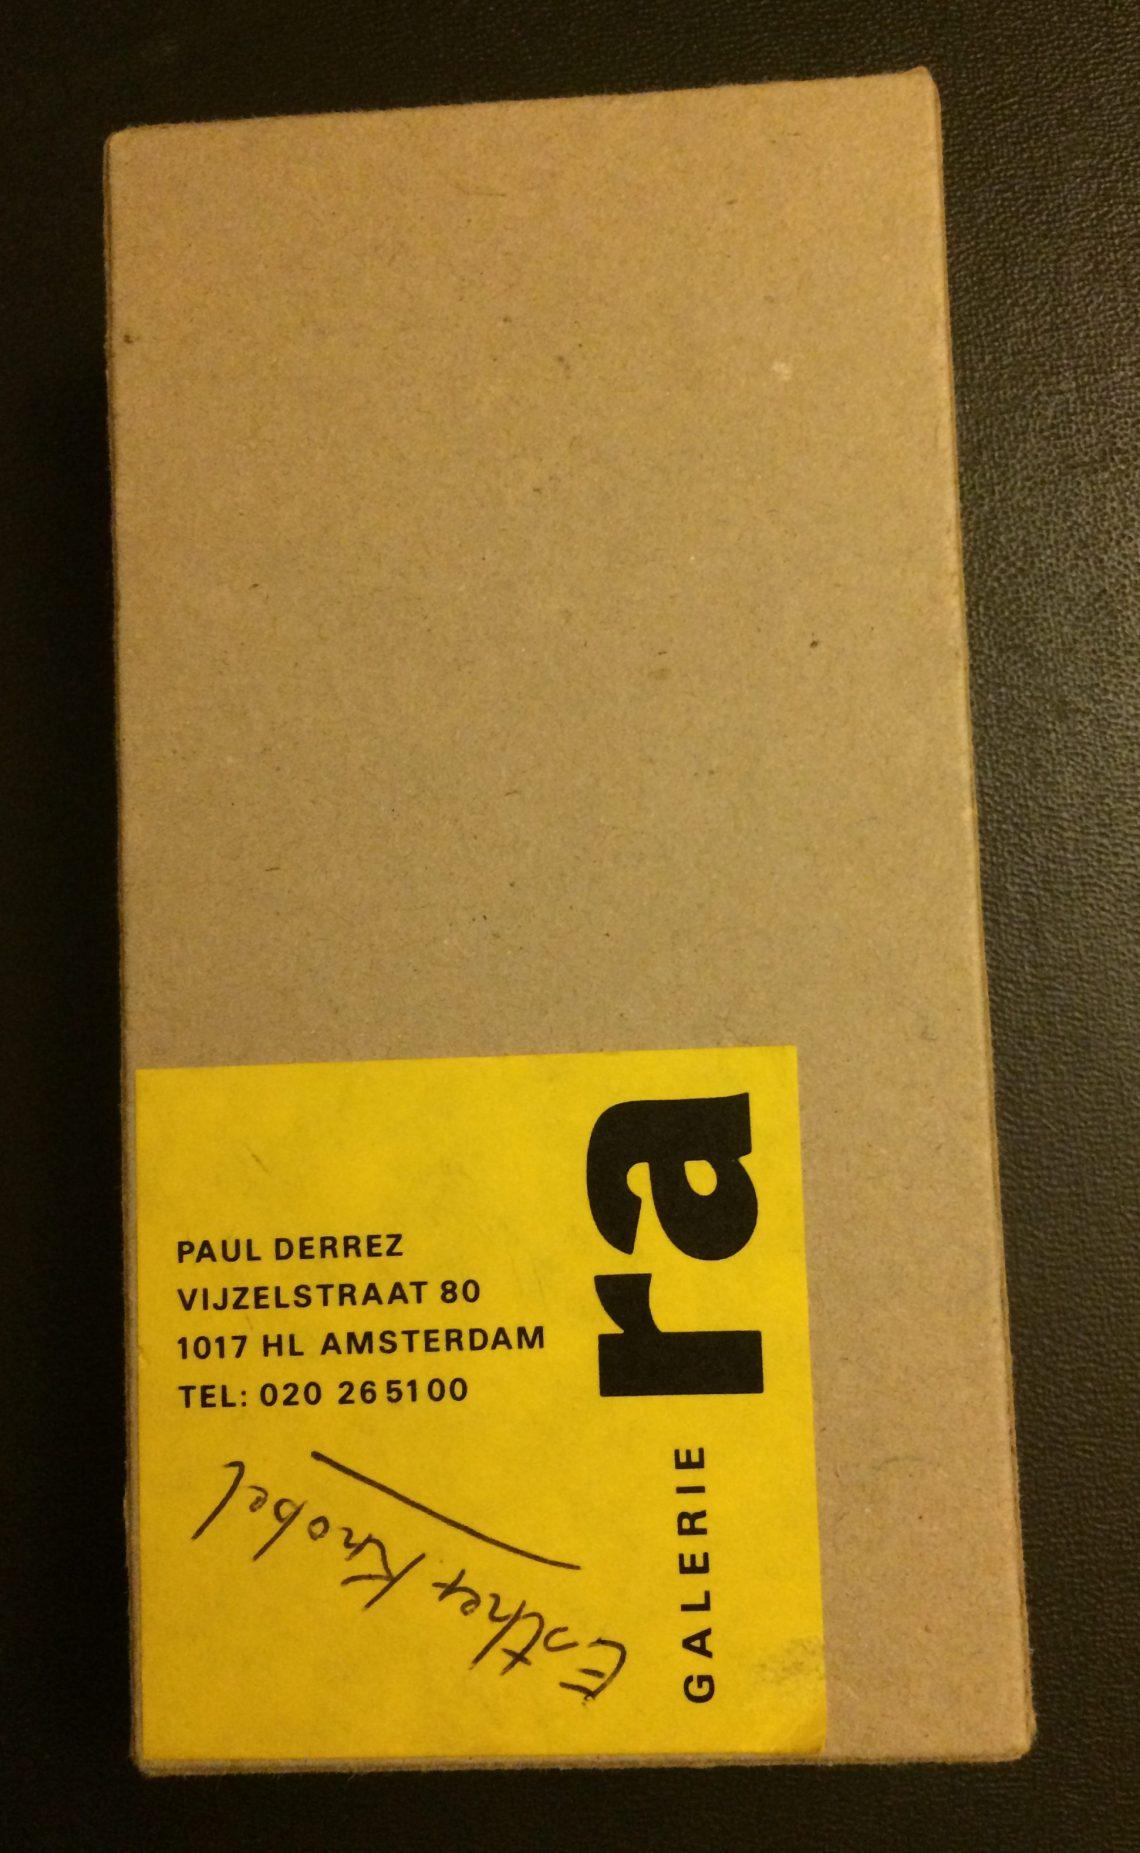 Verpakking Galerie Ra broche Esther Knobel, circa 1993. Foto met dank aan Mattie Boom©